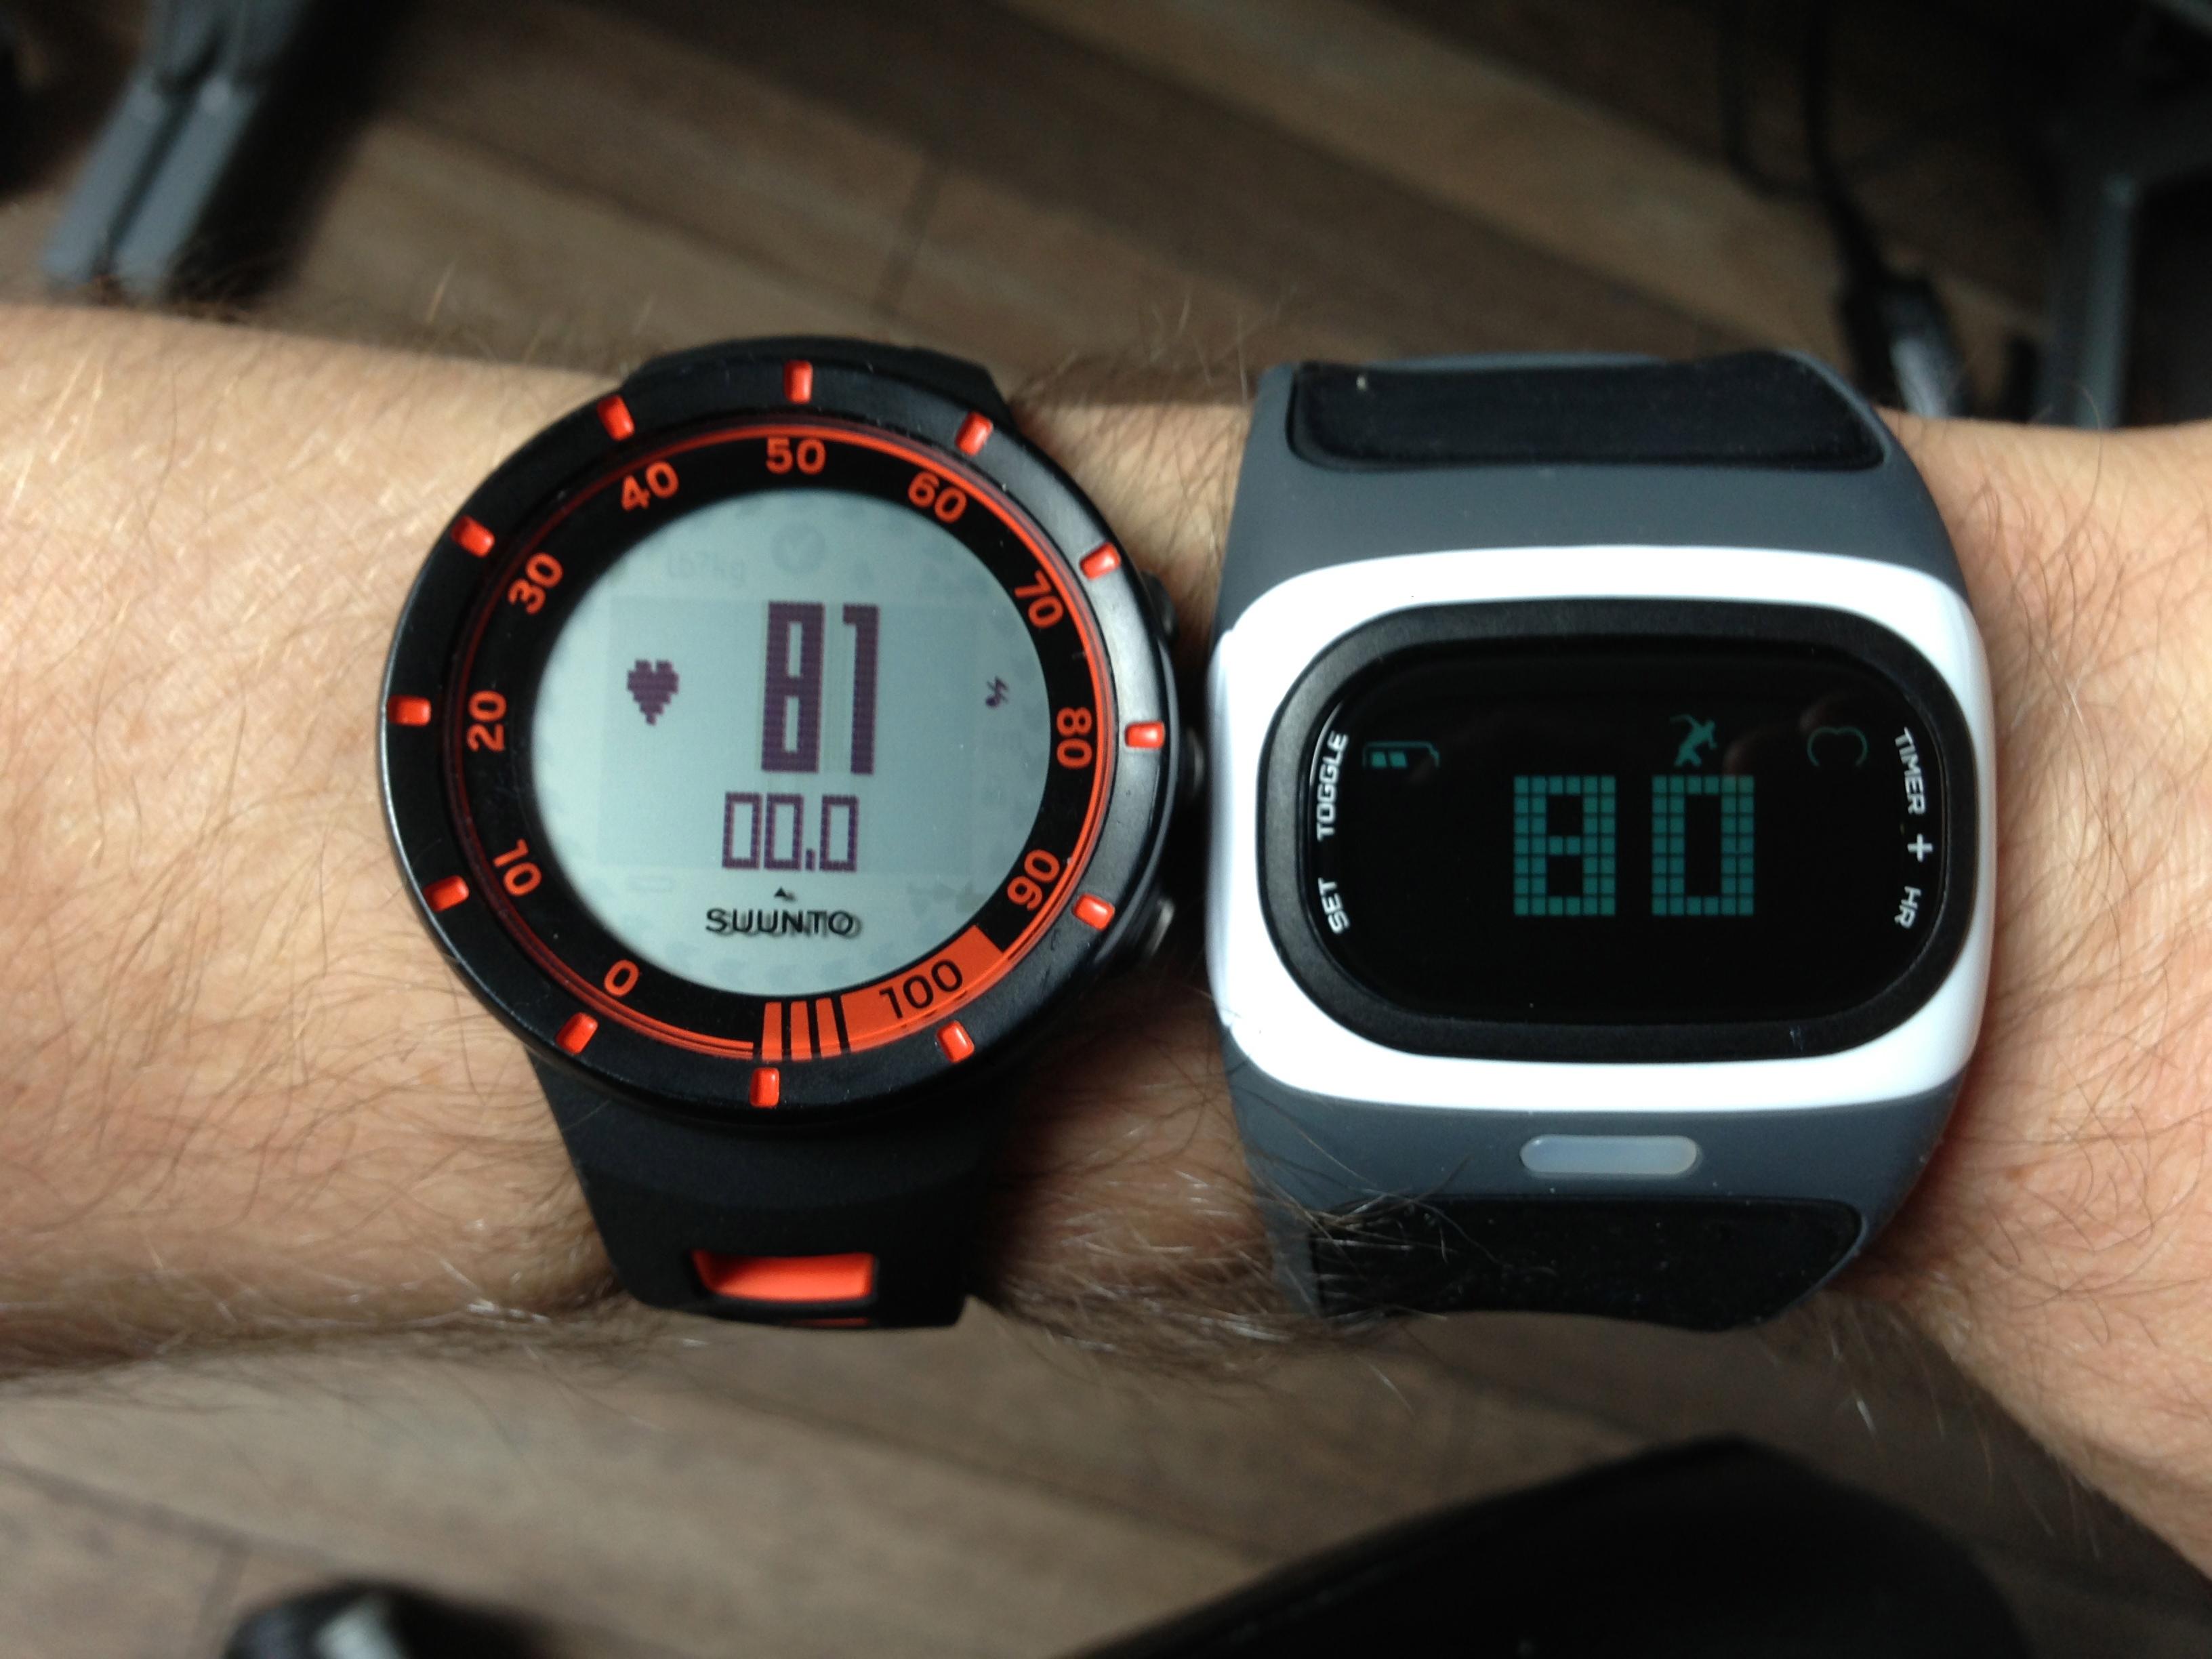 les conseils de contremamontre pour trouver une montre cardio pas ch re contre ma montre. Black Bedroom Furniture Sets. Home Design Ideas